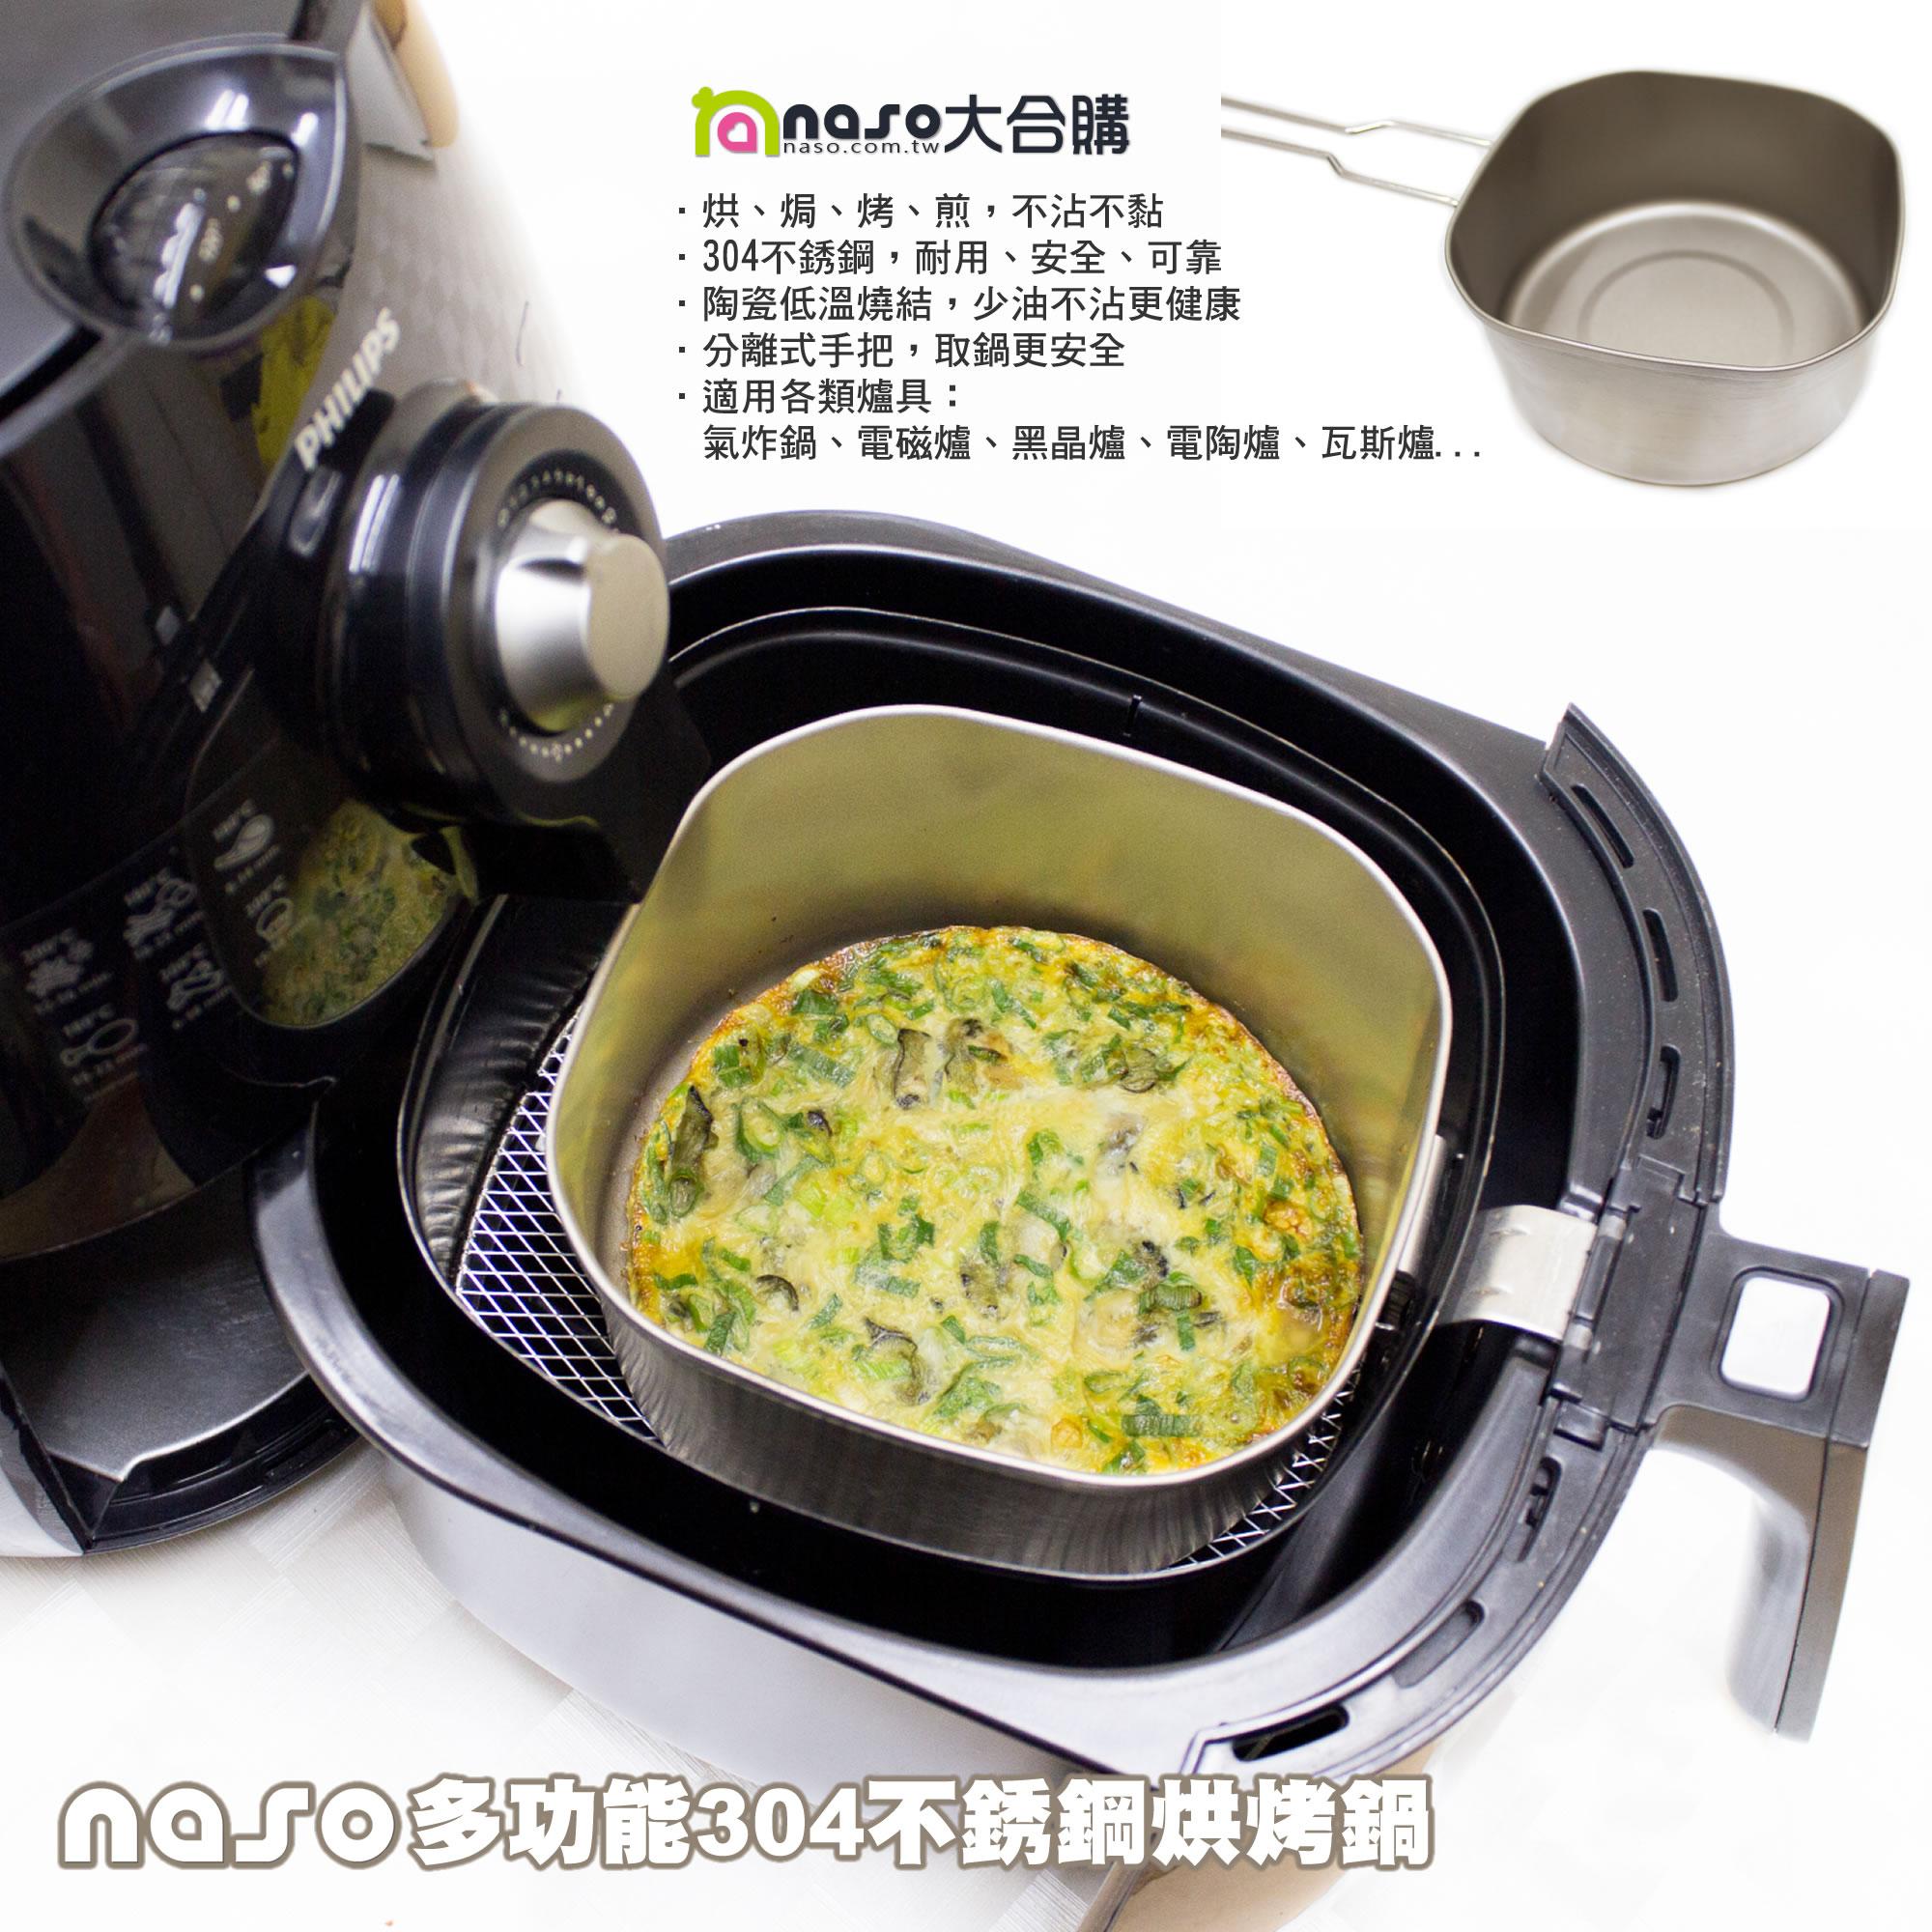 【台灣製造】naso多功能304不銹鋼烘烤鍋 好評第23團